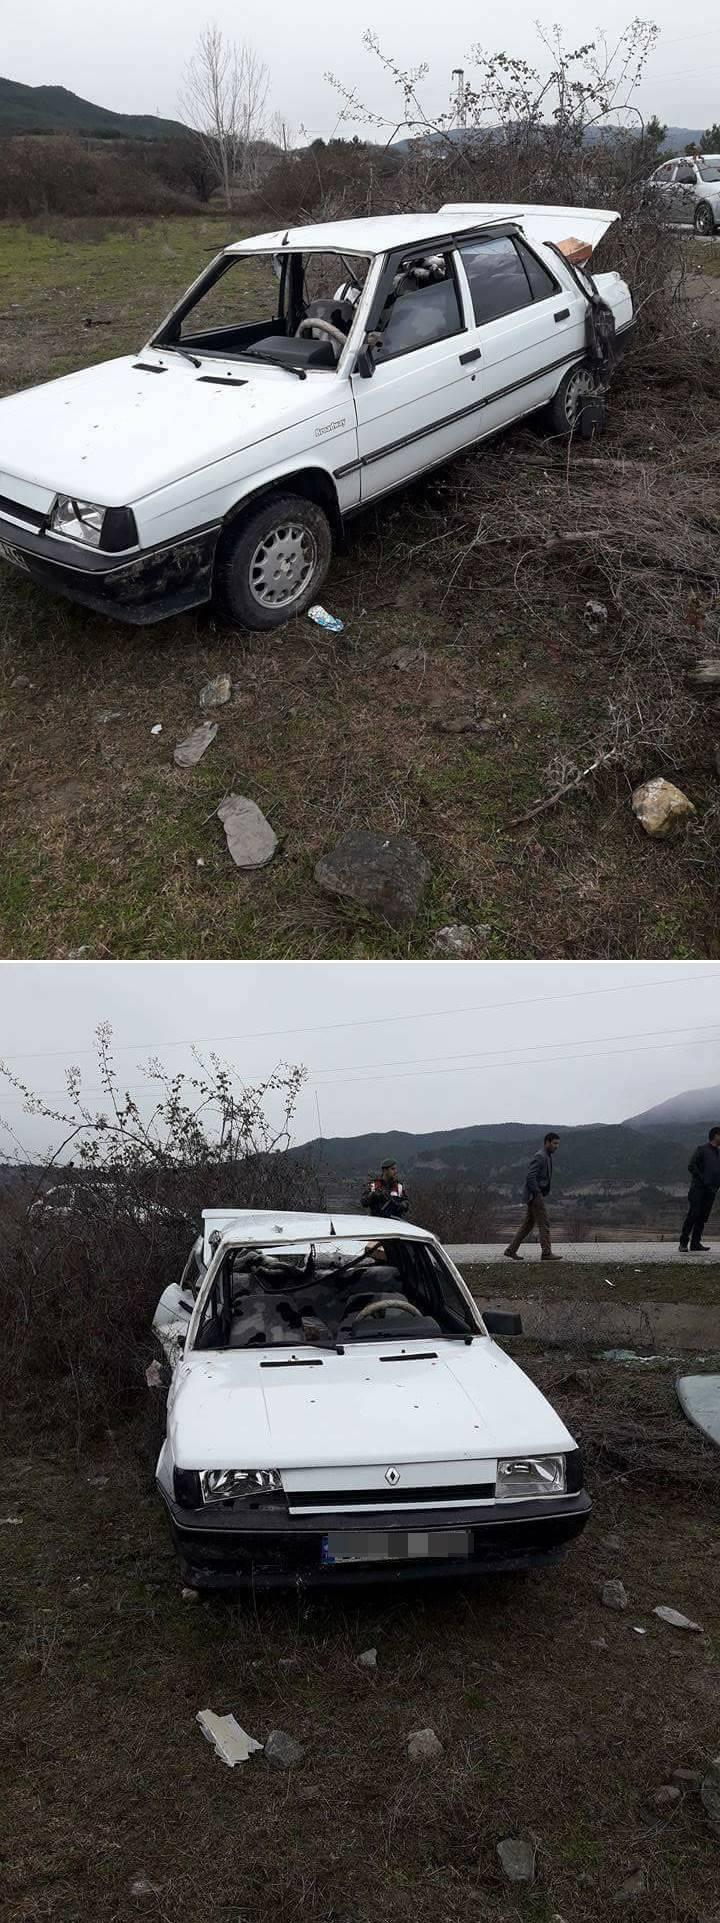 Durağan'da Trafik Kazası